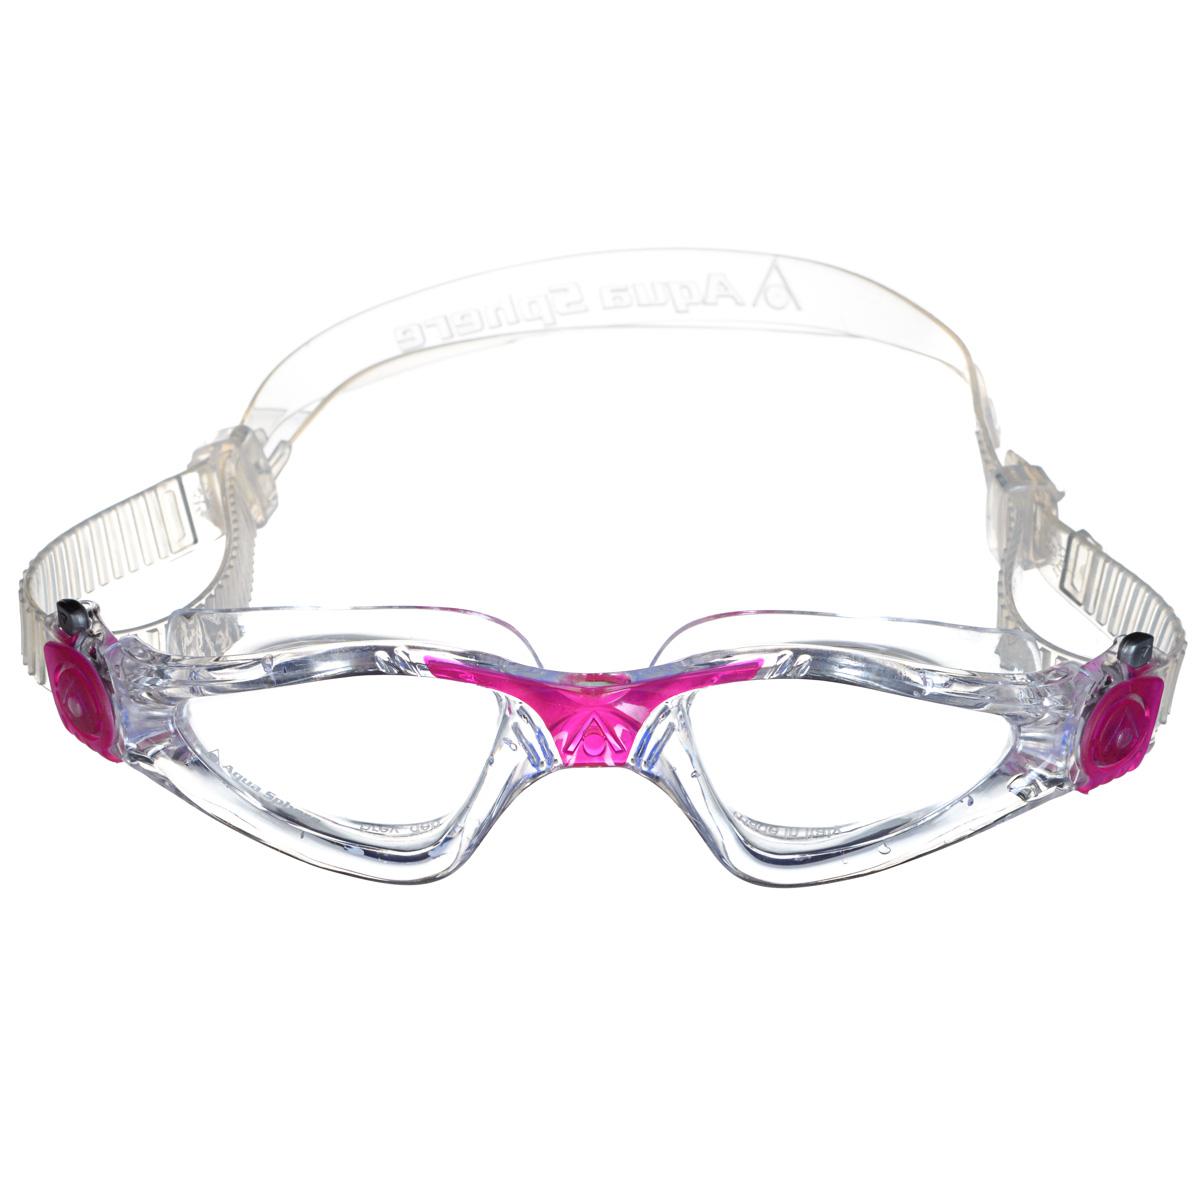 Очки для плавания Aqua Sphere Kayenne Lady, цвет: прозрачный, розовыйTN 170910Модные и стильные очки для плавания Aqua Sphere Kayenne Lady идеально подходят для плавания в бассейне или открытой воде. Оснащены линзами с антизапотевающим покрытием, которые устойчивы к появлению царапин. Мягкий комфортный обтюратор плотно прилегает к лицу. Запатентованные изогнутые линзы дают прекрасный обзор на 180° - без искажений. Рамка имеет гидродинамическую форму. Очки оснащены удобными быстрорегулируемыми пряжками. Материал: софтерил, plexisol.